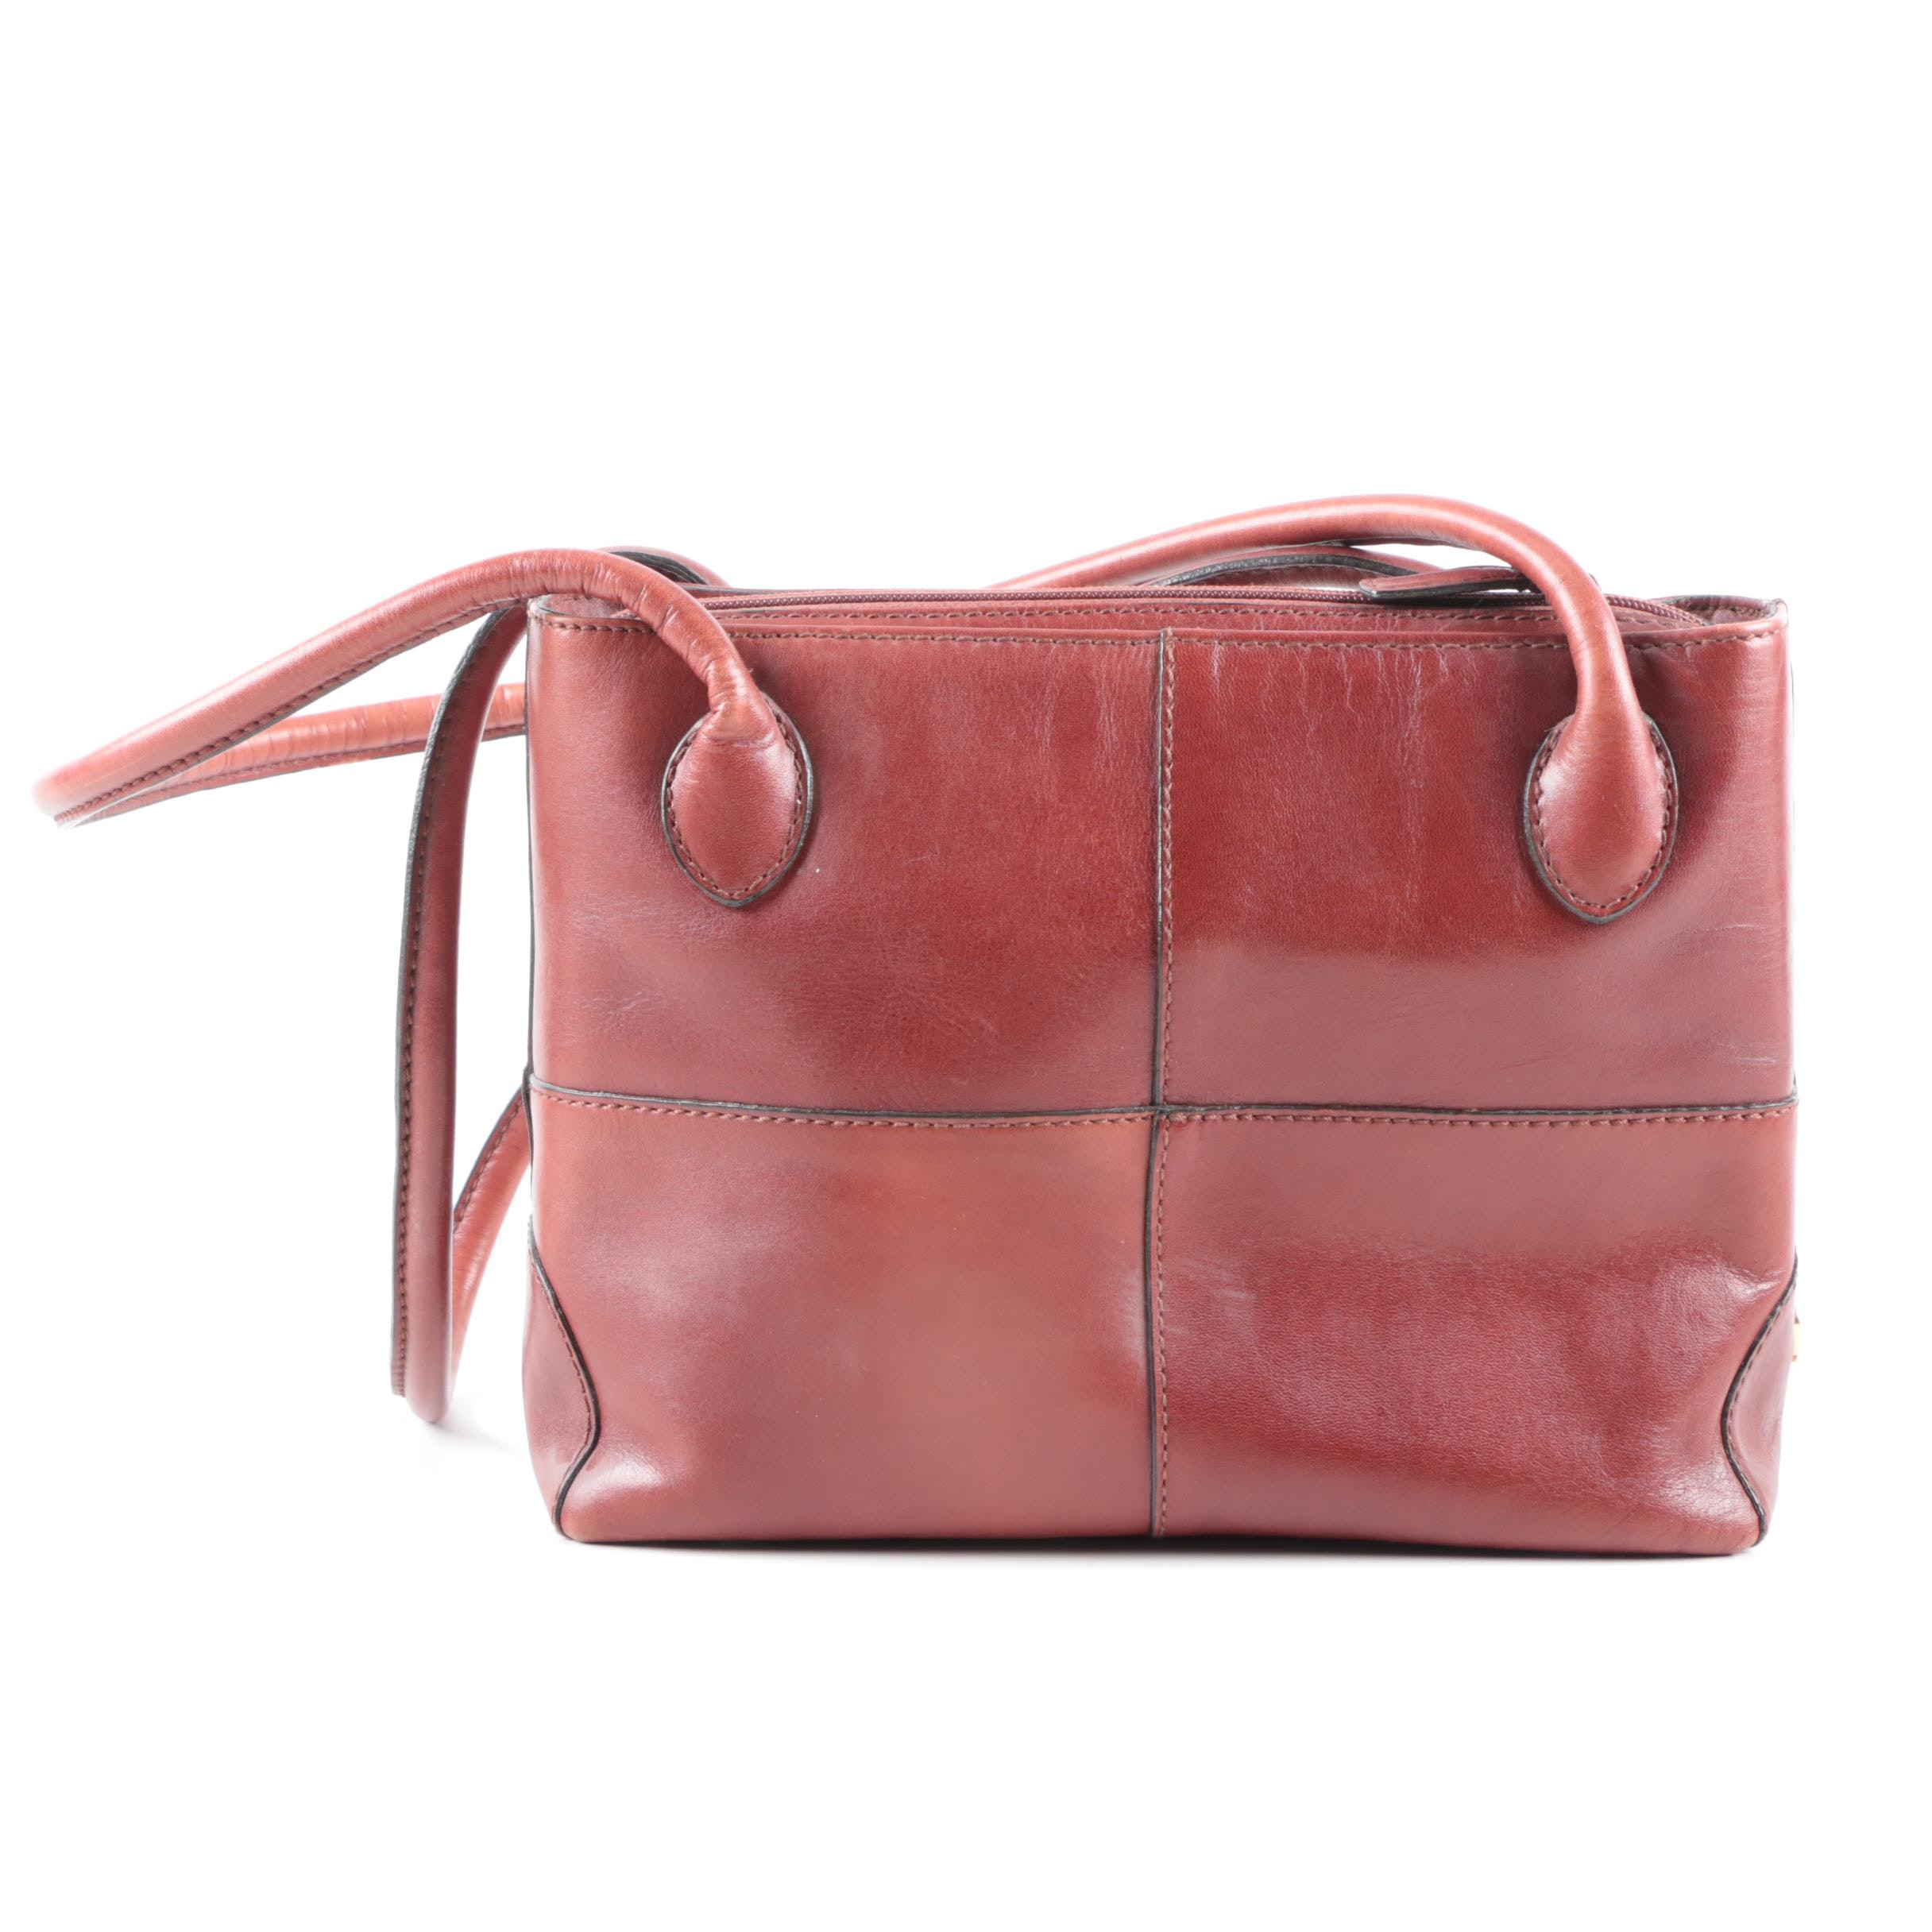 Etienne Aigner Chestnut Brown Leather Shoulder Bag